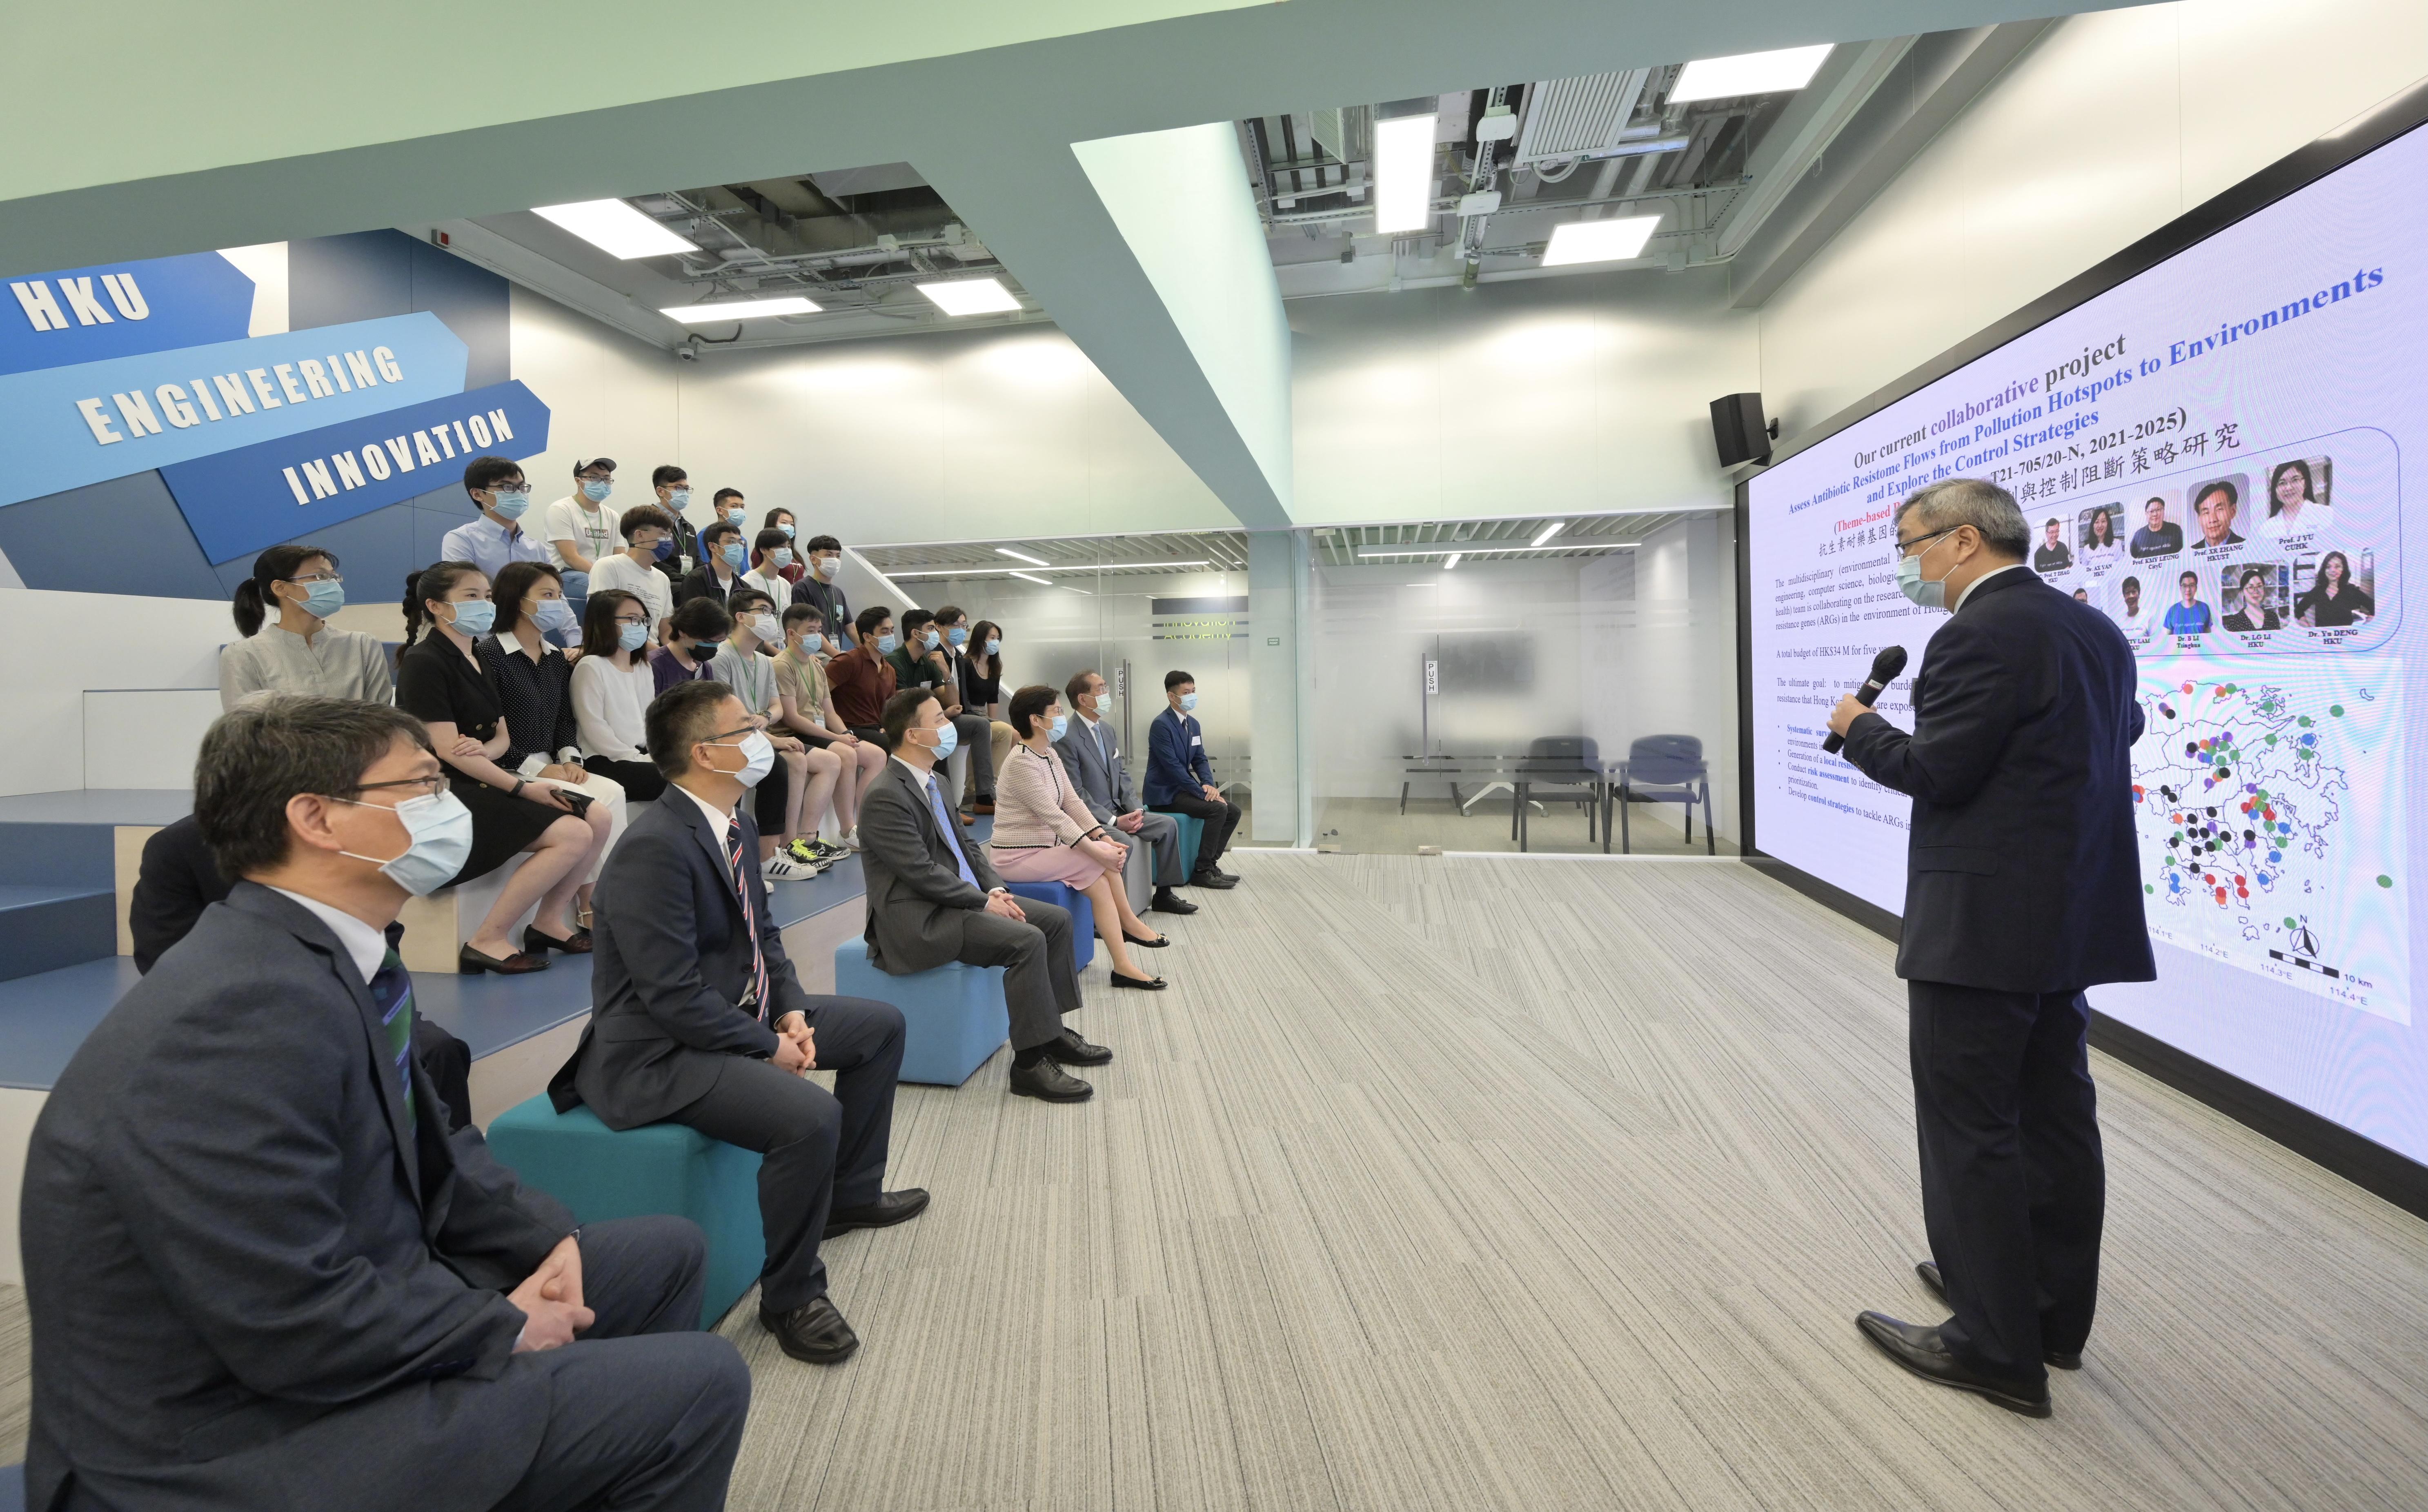 林鄭到訪港大 冀推動大灣區成國際科技創新中心